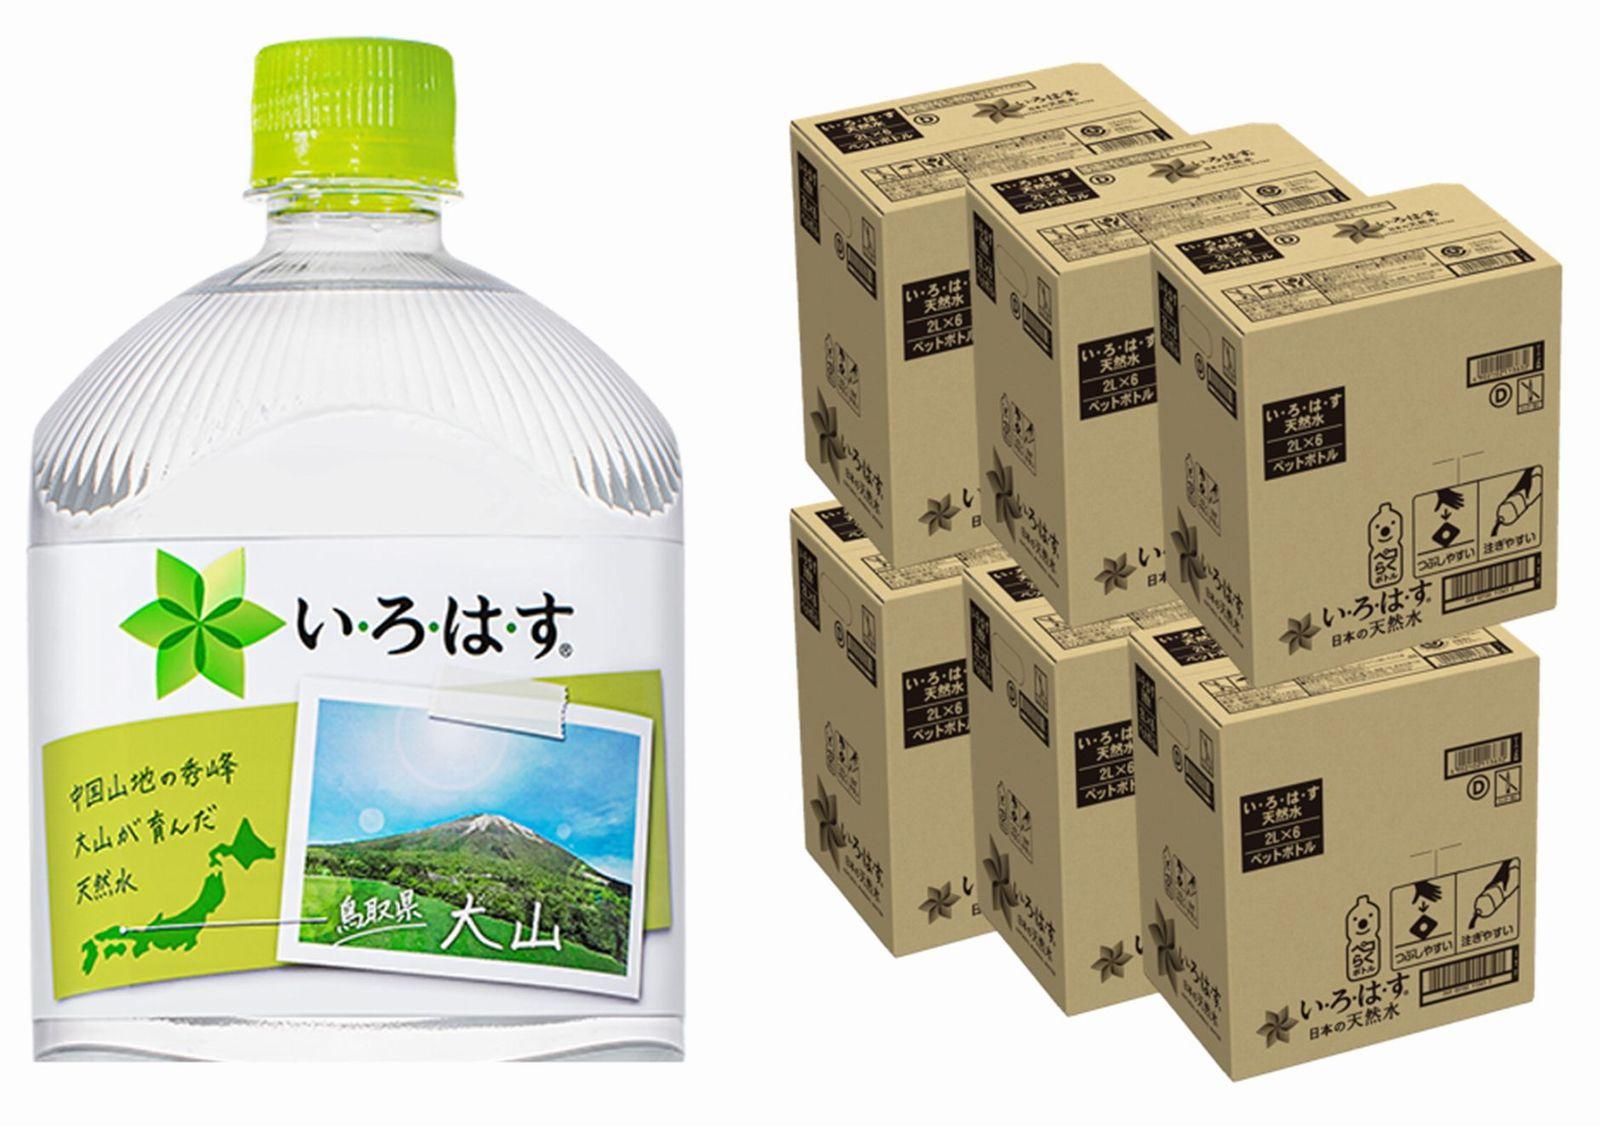 【ふるさと納税】 大山天然水2Lセット (6箱)